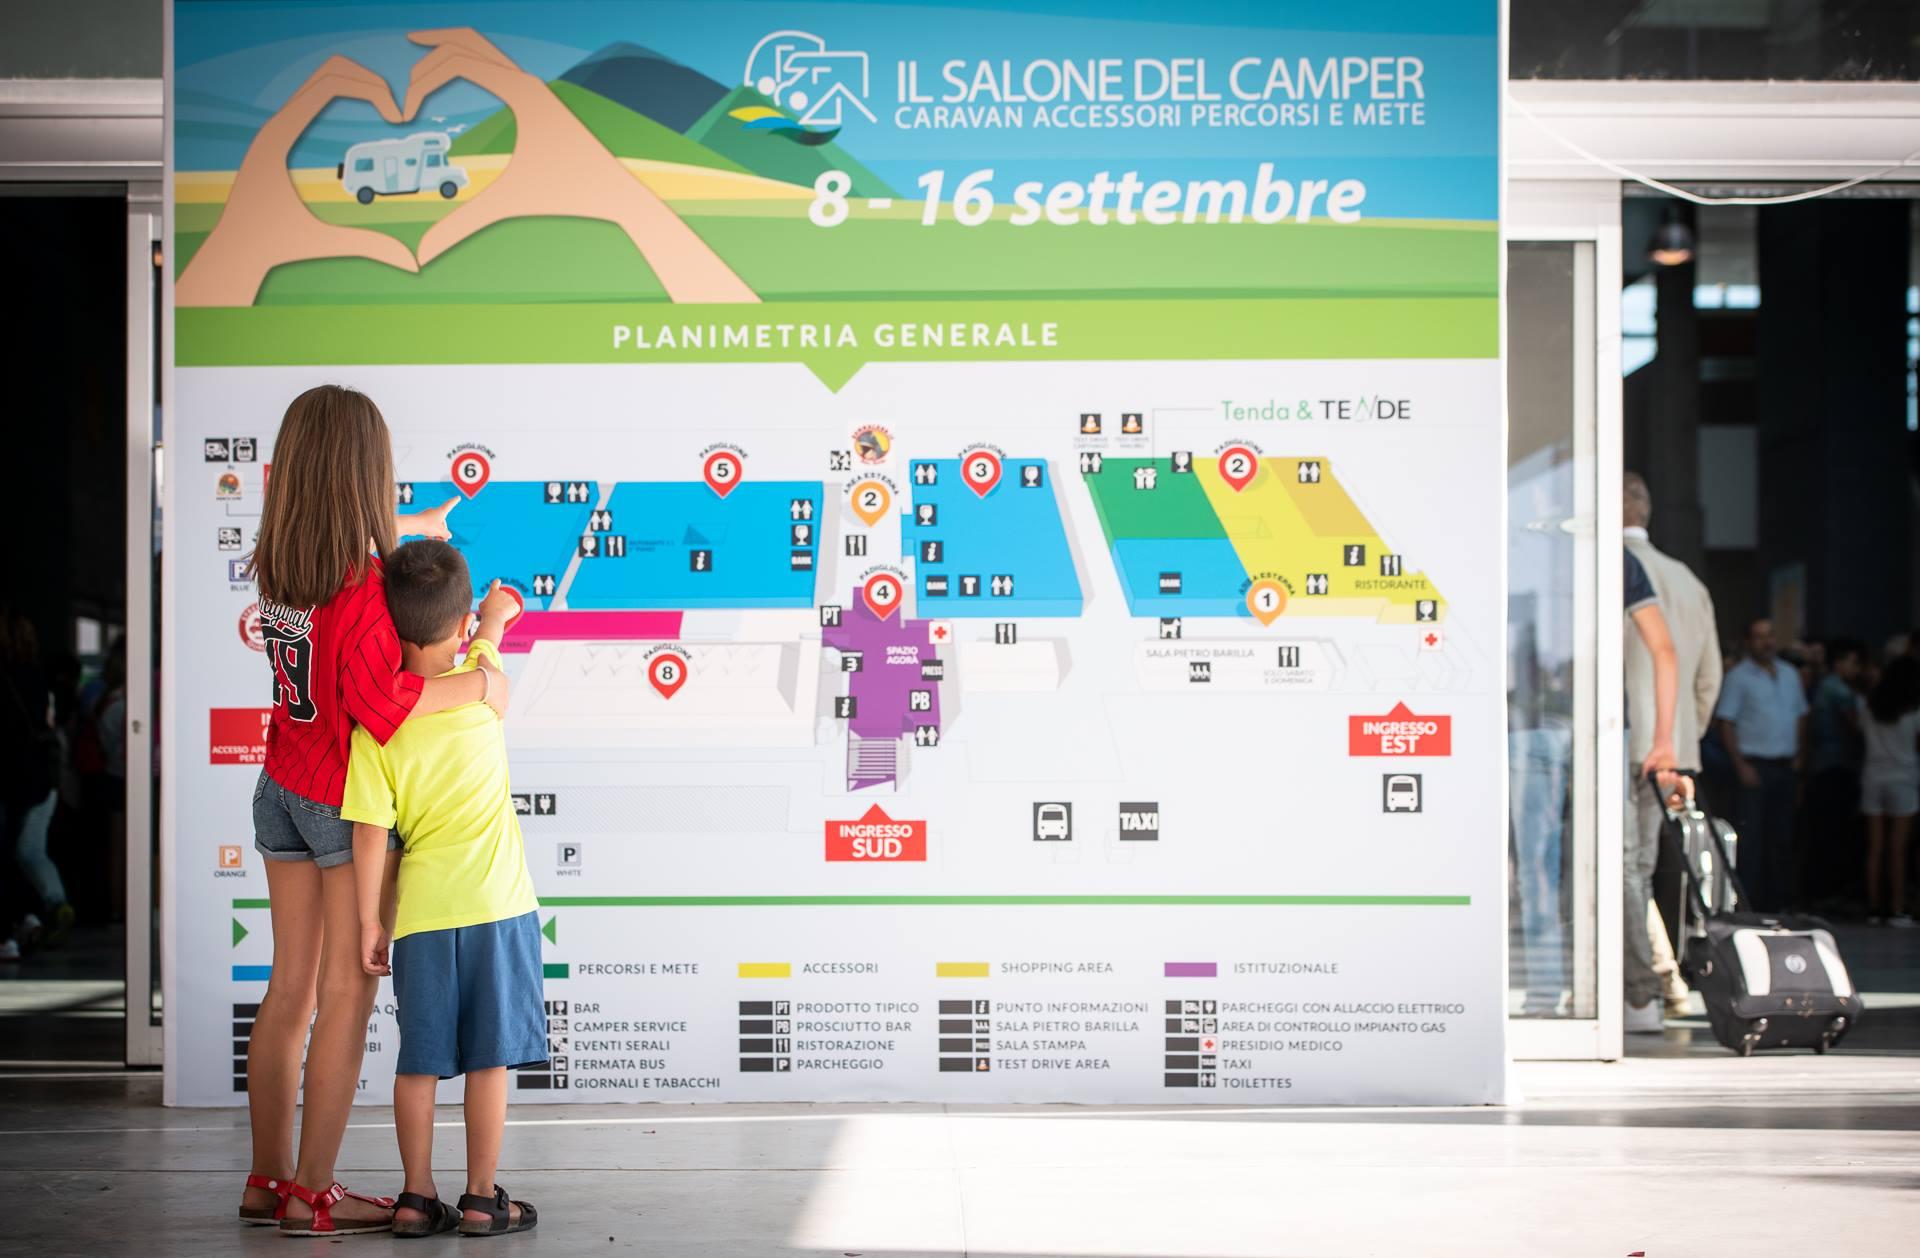 Salone del camper 2018: considerazioni sul mondo caravan